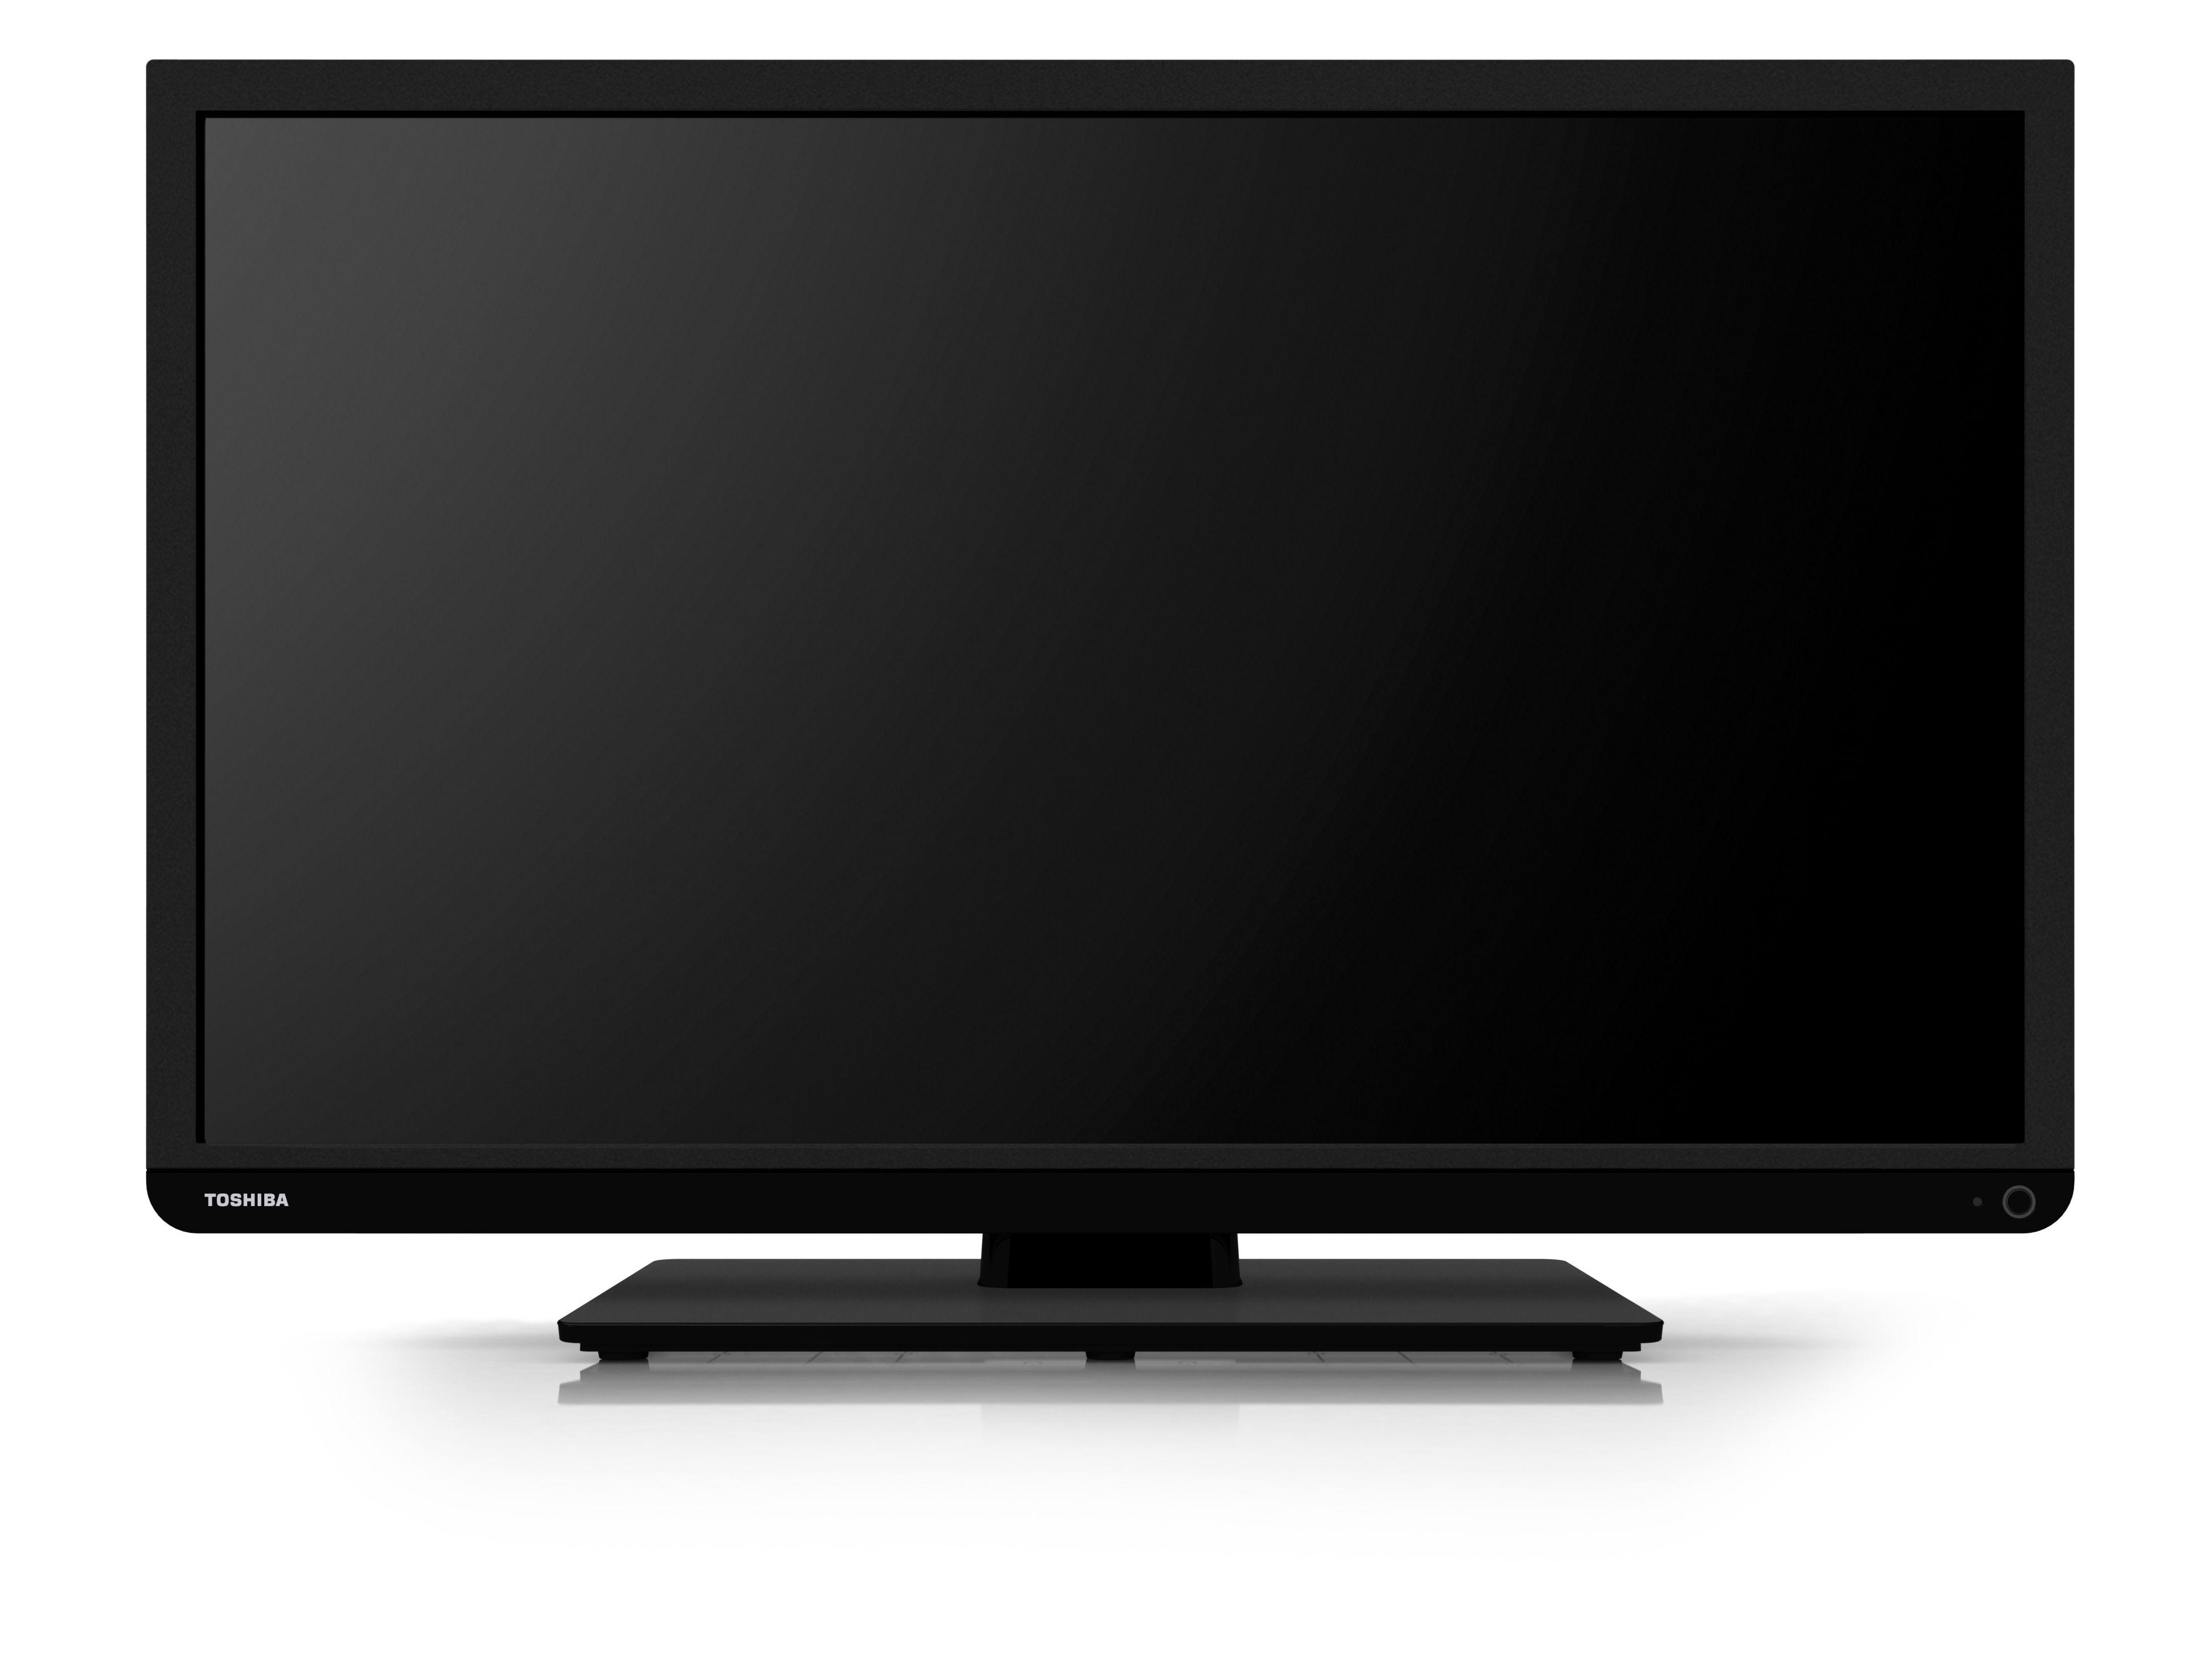 Toshiba D1 Serisi Televizyonlar